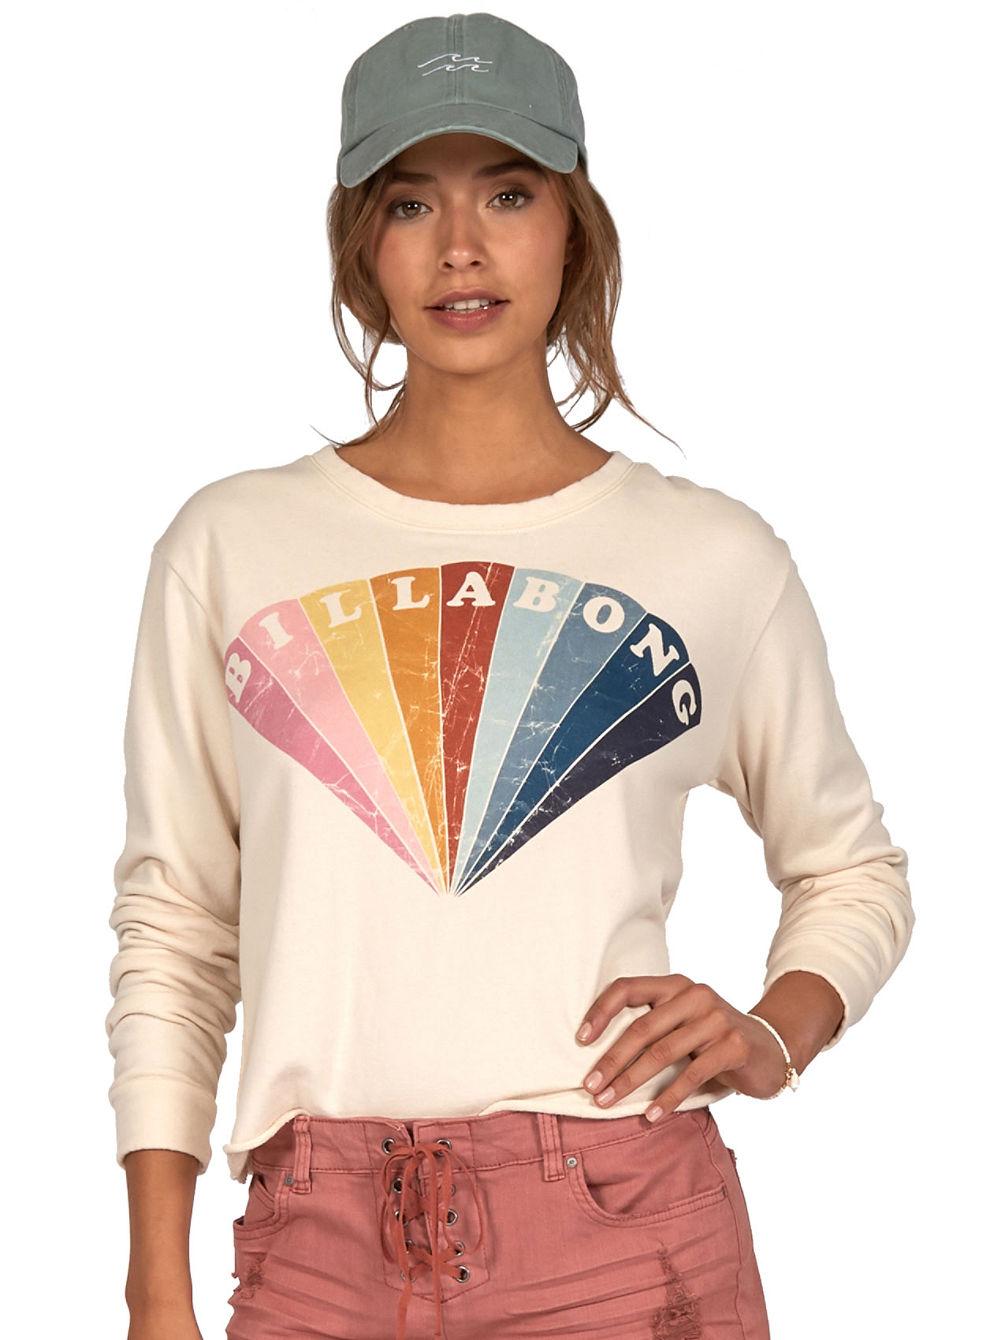 Billabong Crop Crew Sweater